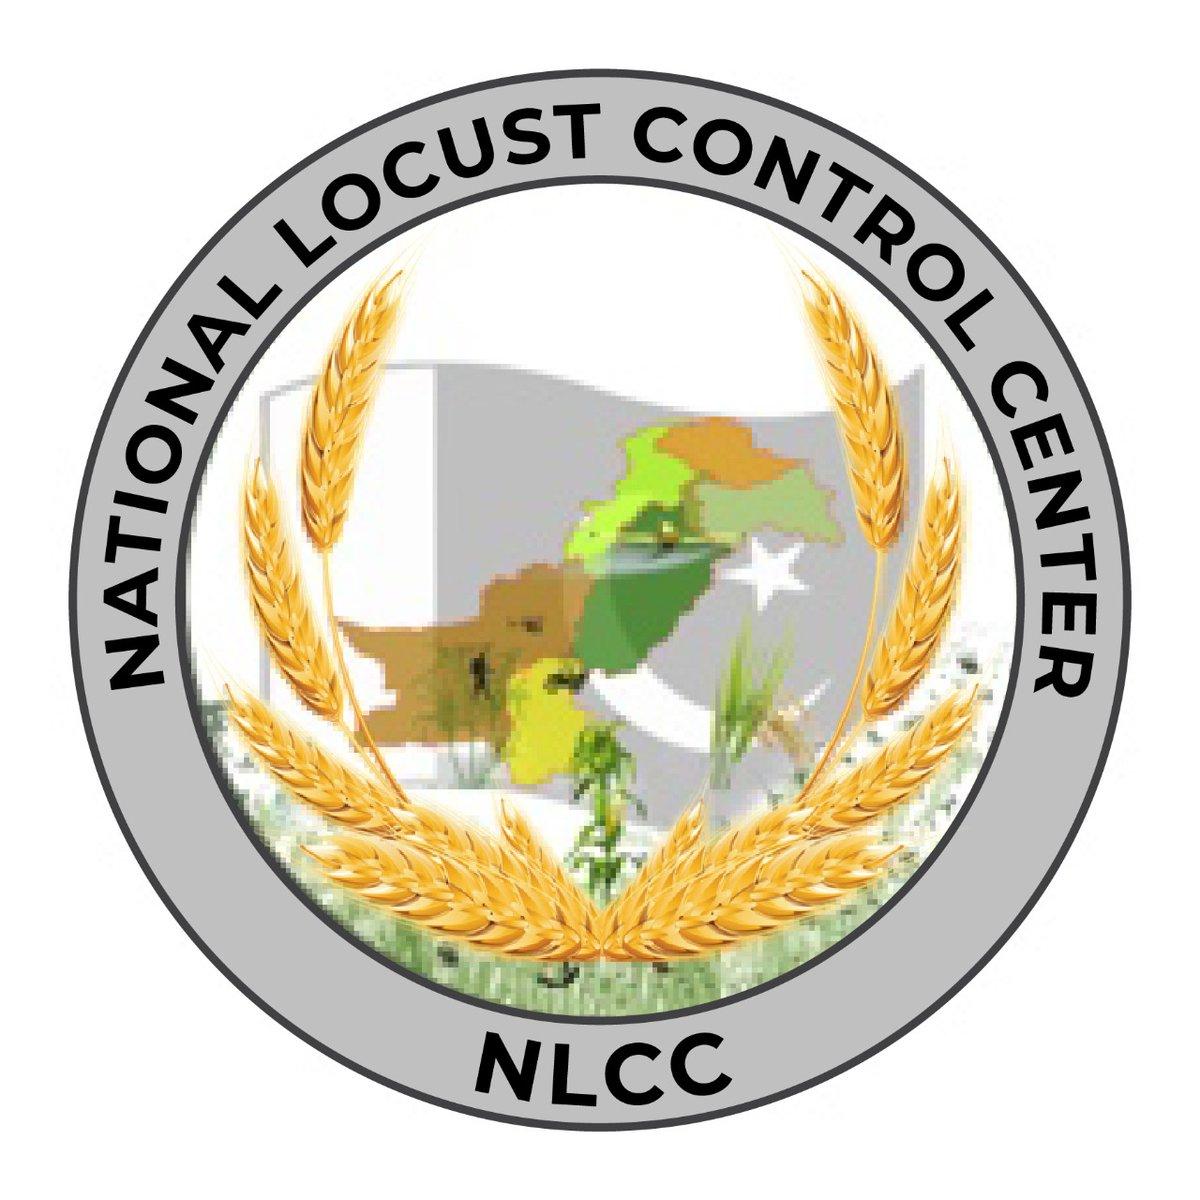 نیشنل لوکسٹ کنٹرول سنٹر کی جاری کردہ تفصیلات کے مطابق وزارت قومی غذائی تحفظ و تحقیق، محکمہ زراعت اور پاکستان آرمی کی مشترکہ ٹیمیں ملک کے مختلف اضلاع میں ٹڈی دل کے خلاف بھرپور سروے اور کنٹرول آپریشن کررہی ہیں،22 اضلاع کے متاثرہ علاقوں میں1032مشترکہ ٹیمیں اس مہم میں حصہ لے رہی ہیں۔